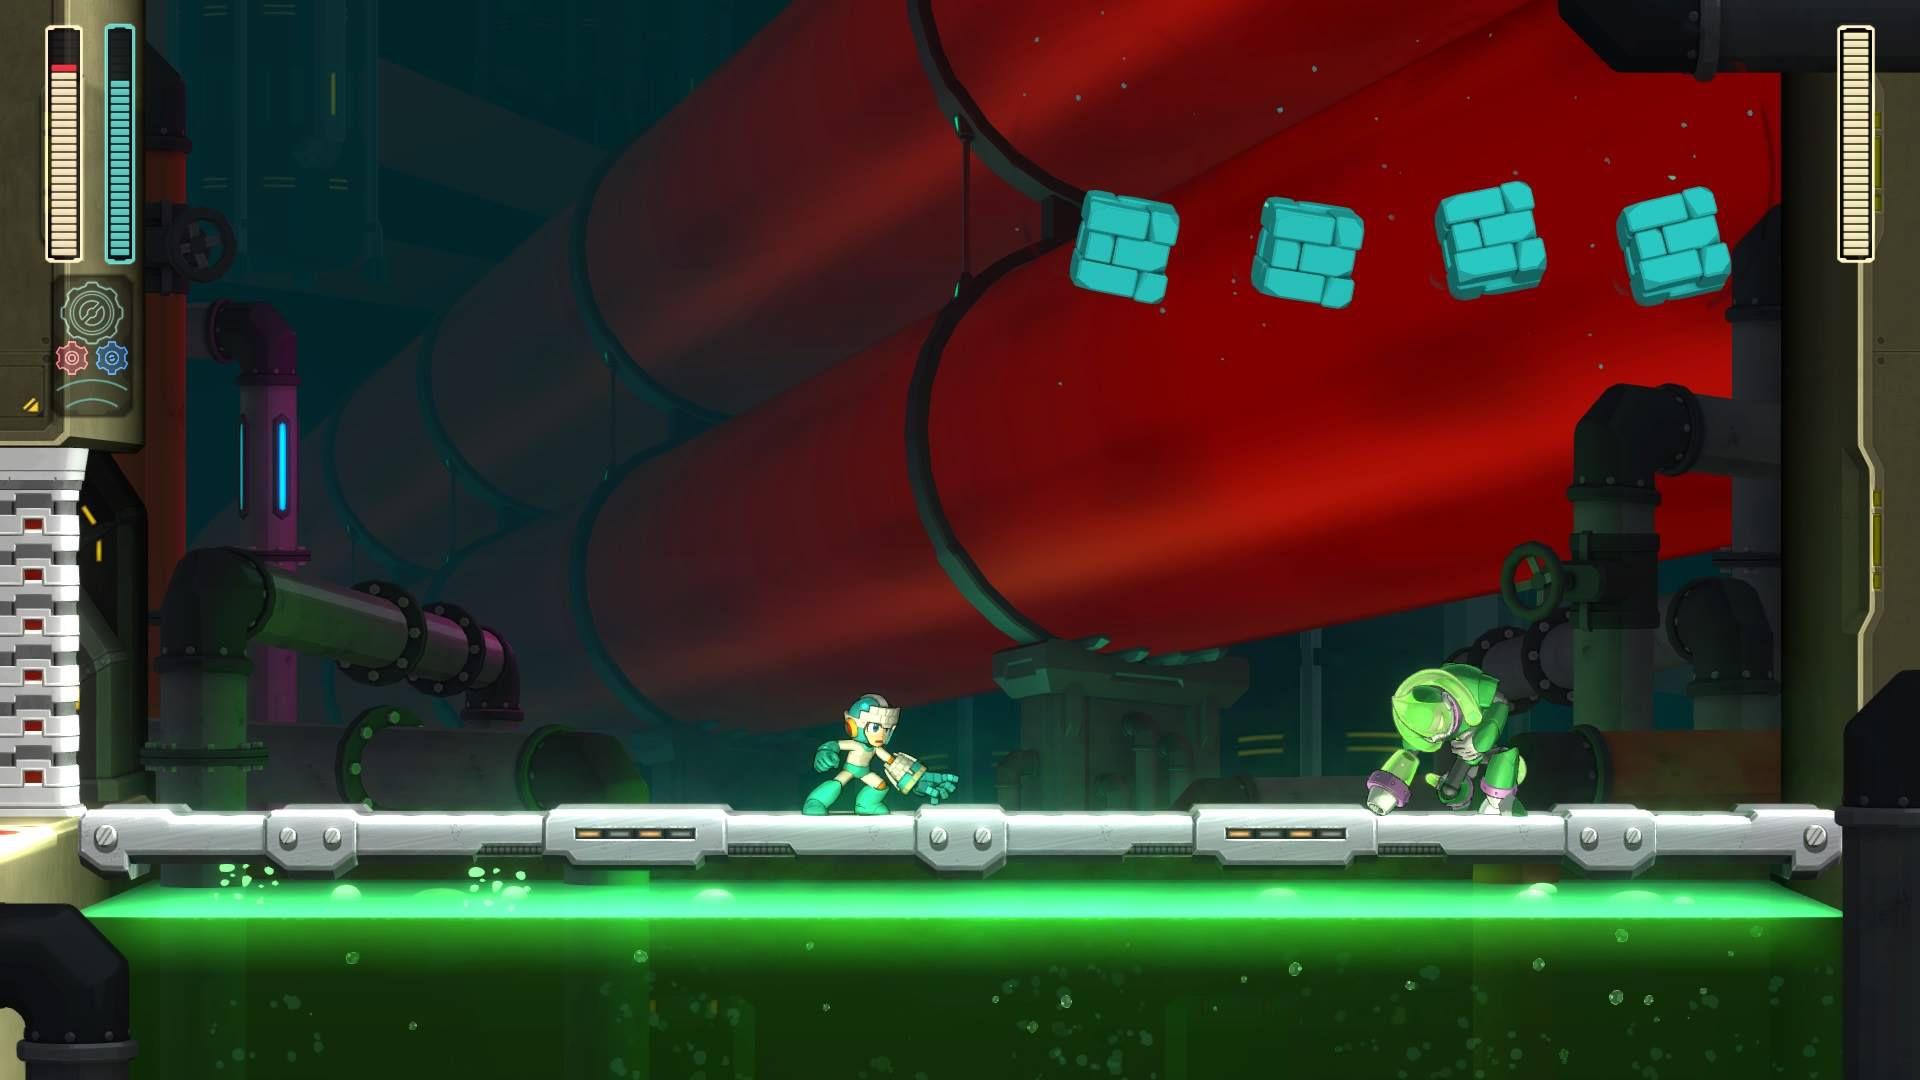 Mega Man attacks Acid Man in Mega Man 11